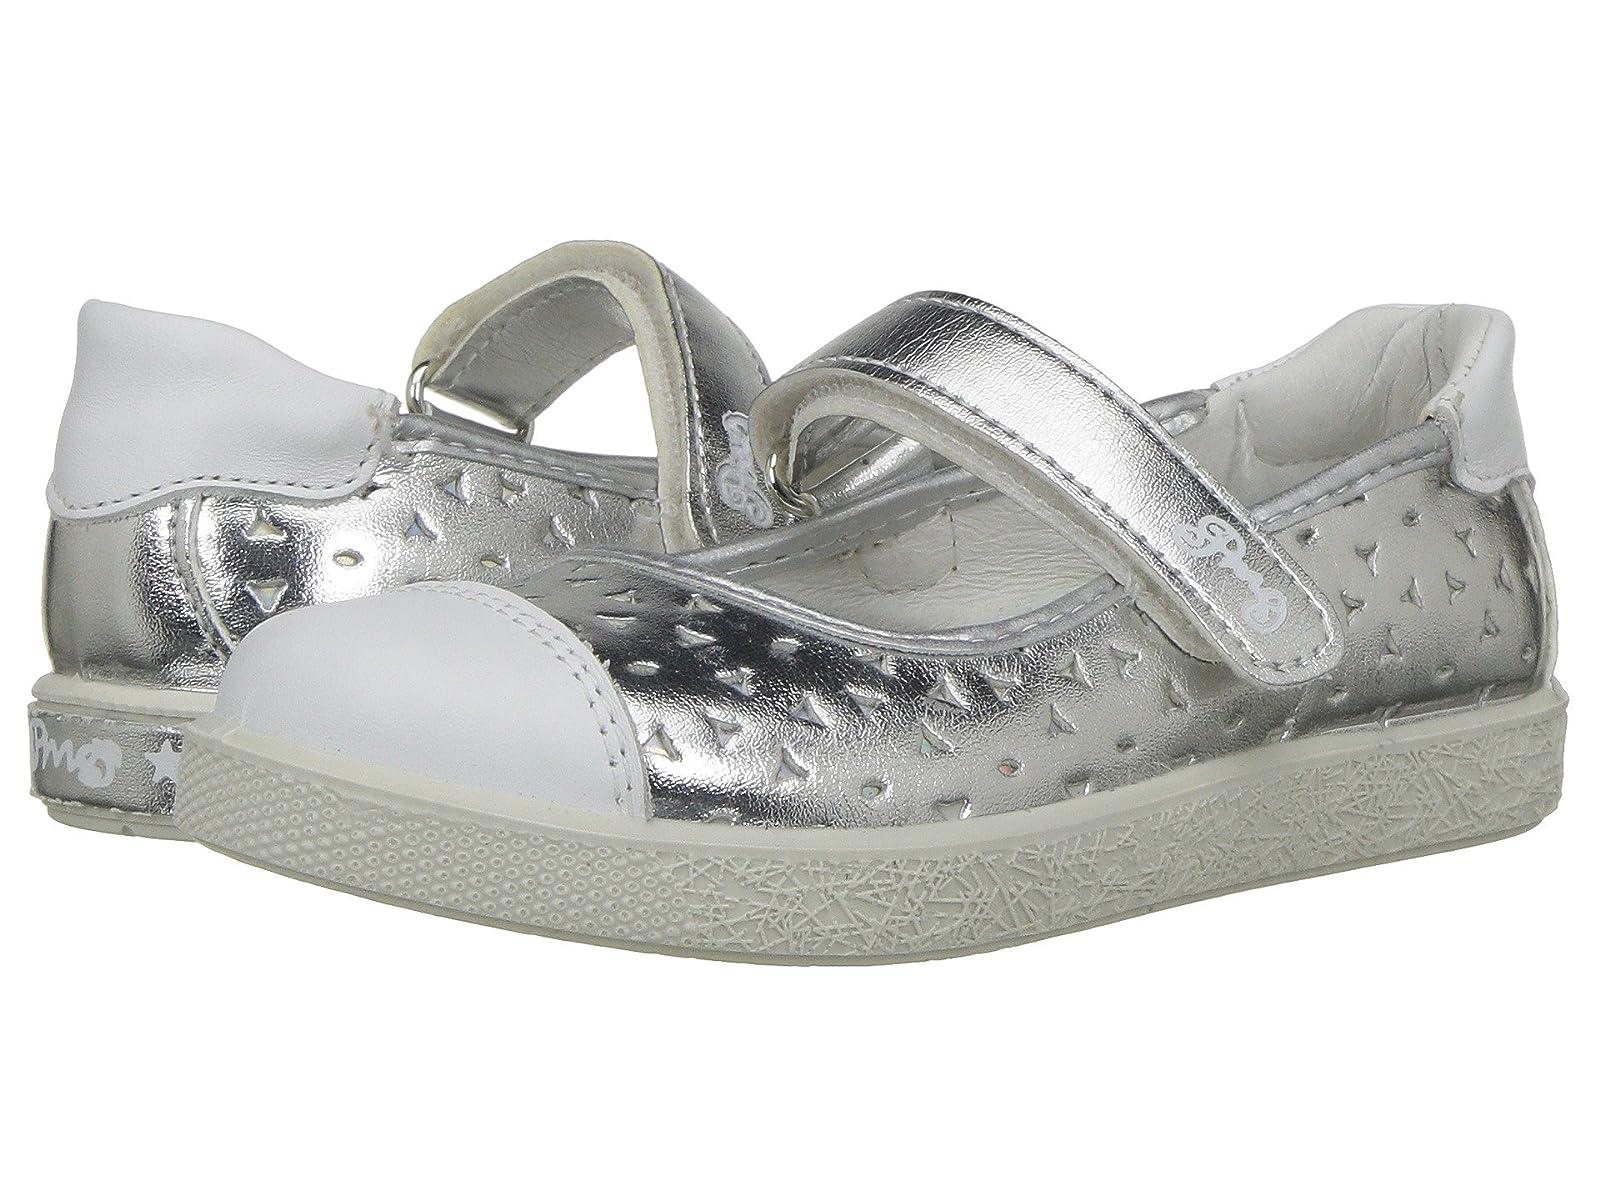 Primigi Kids PHO 13669 (Toddler/Little Kid)Atmospheric grades have affordable shoes